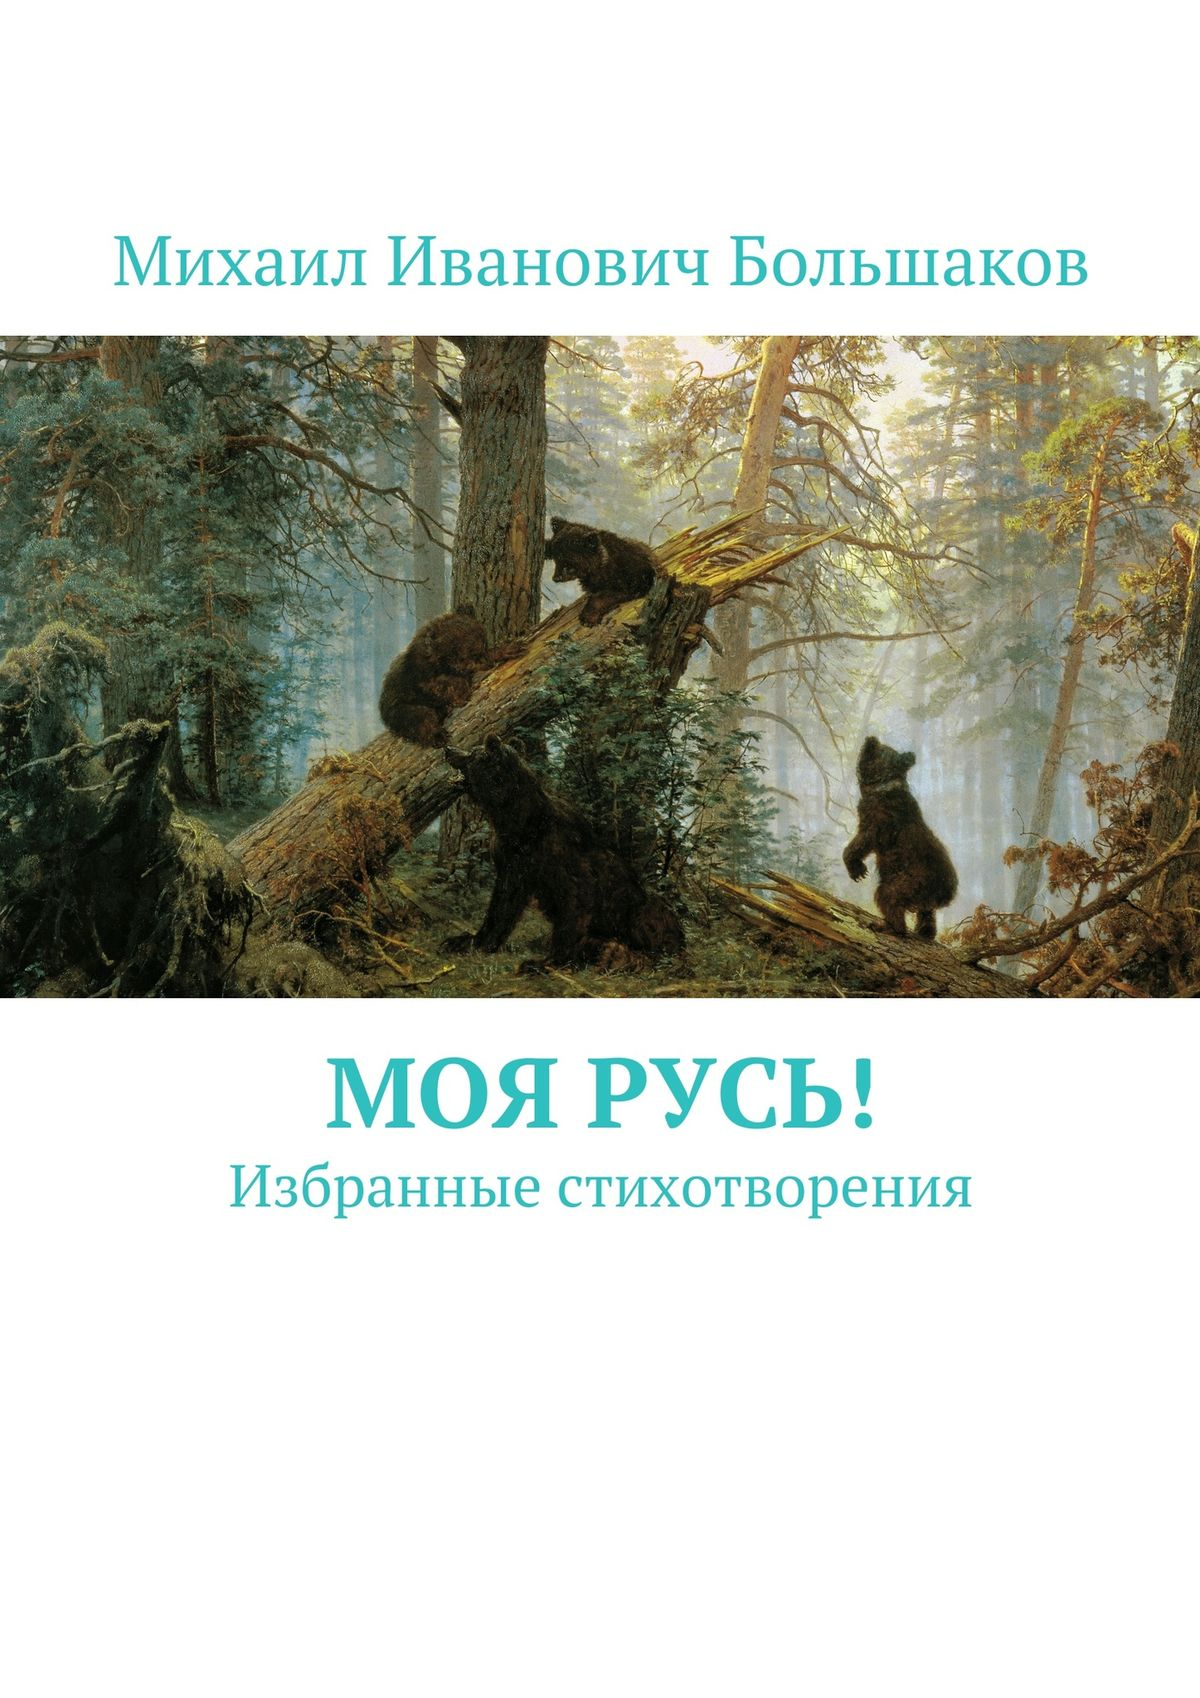 Михаил Иванович Большаков Моя Русь! Избранные стихотворения